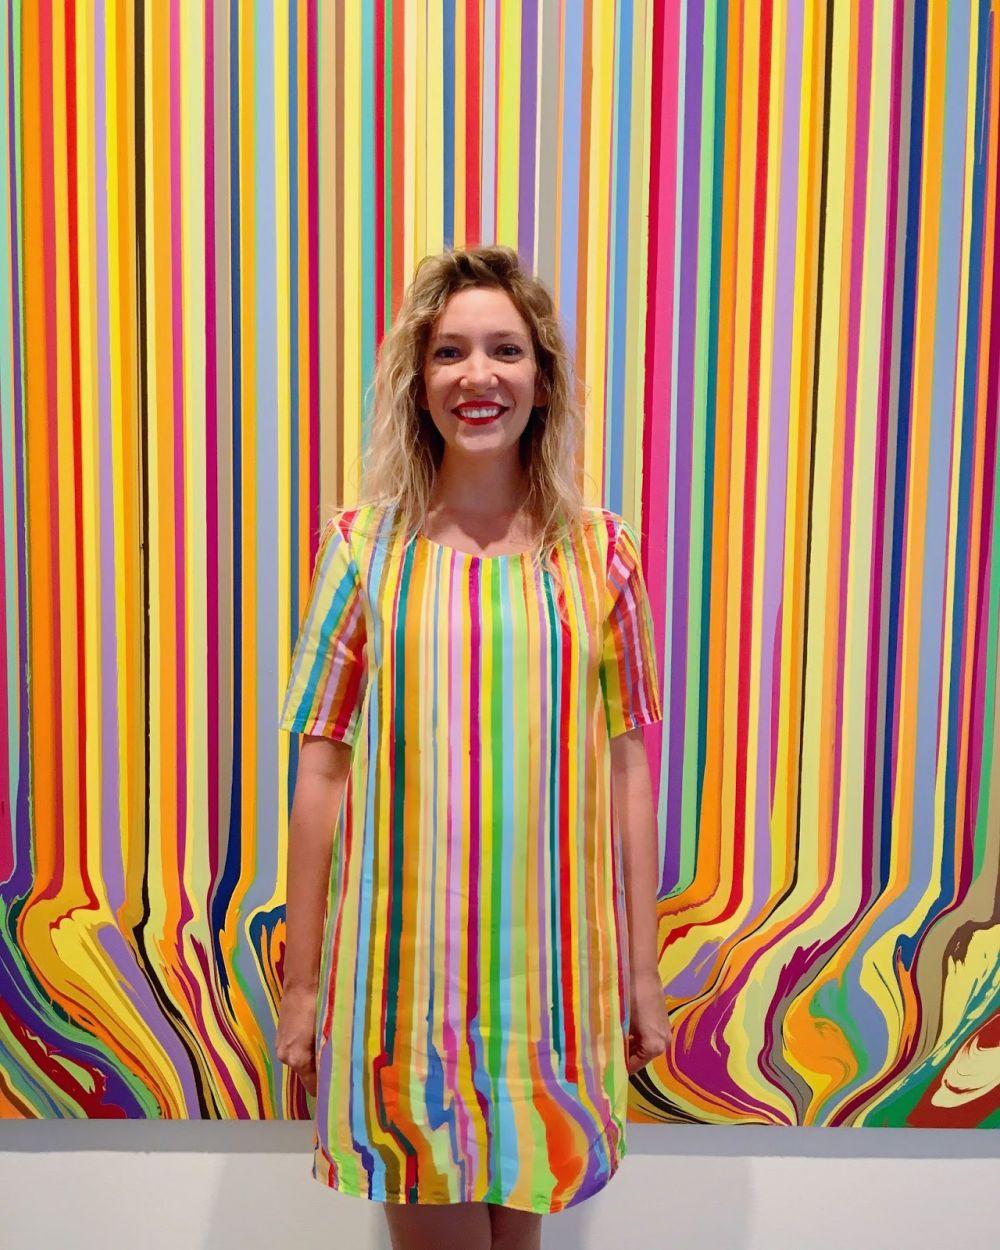 15 Desain Baju Ini Tiru Benda Sekitar, Bukti Ide Bisa Dari